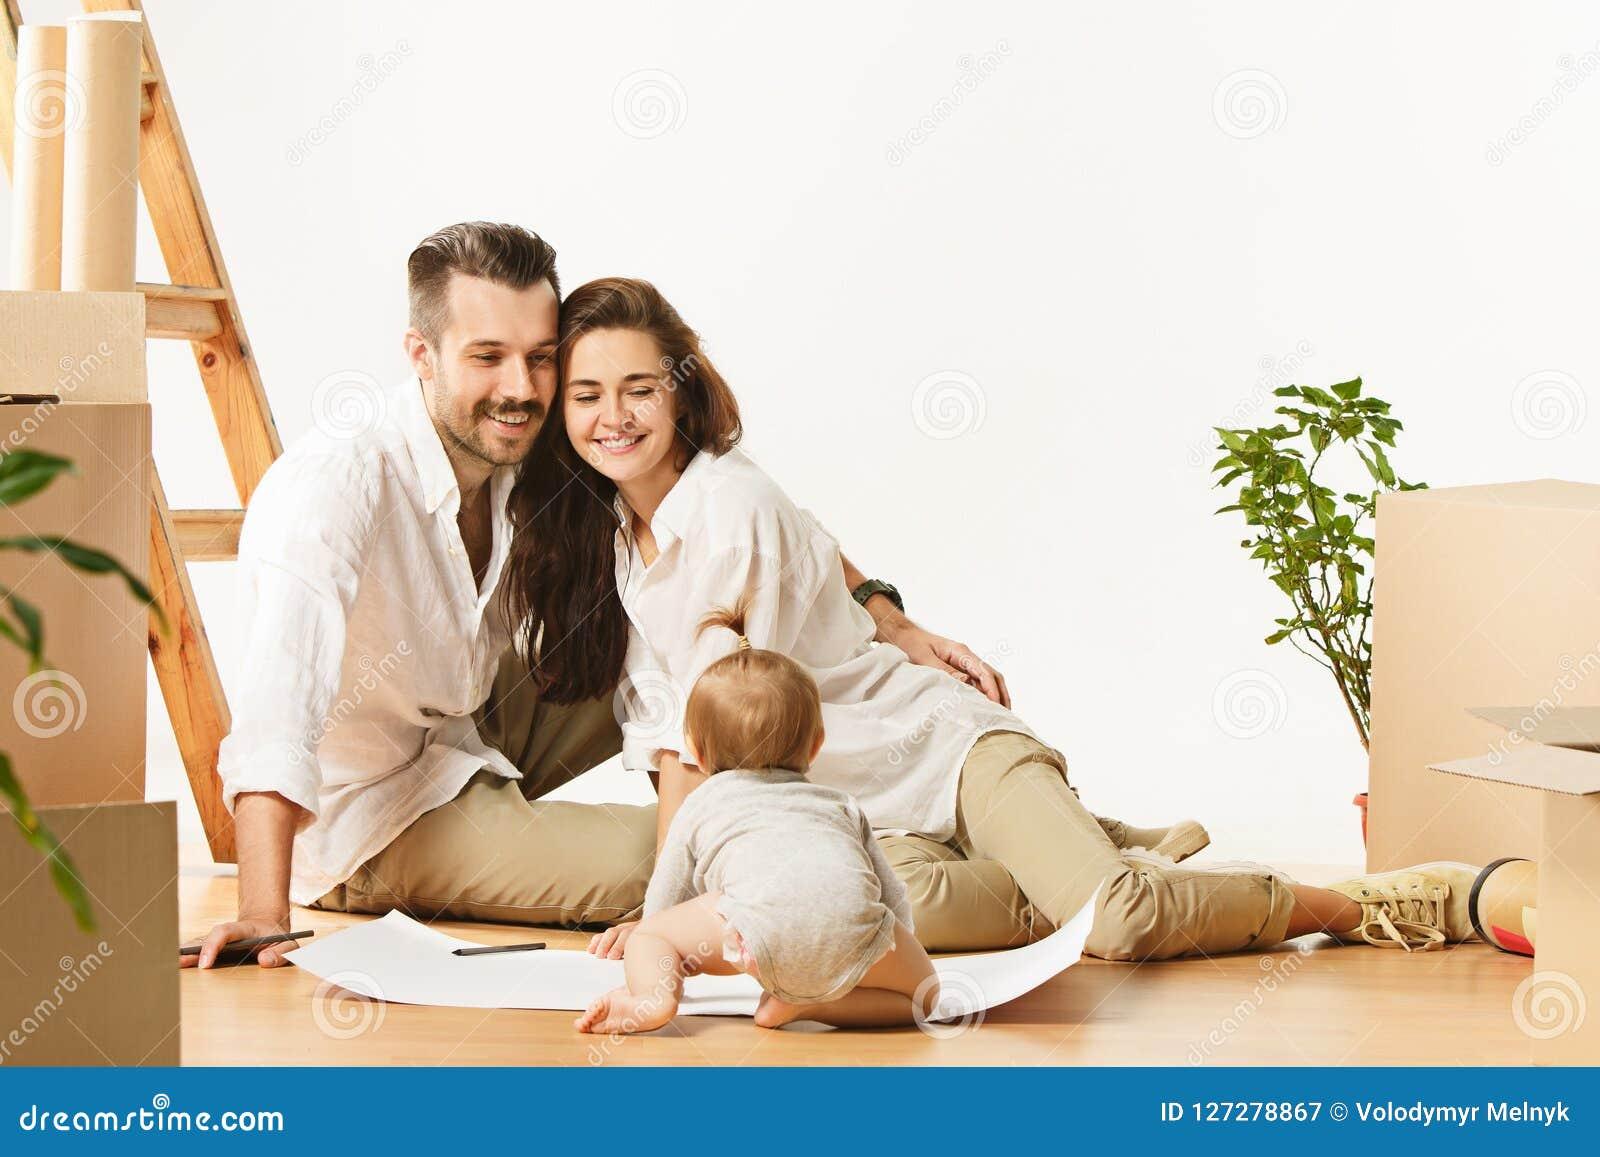 Par som flyttar sig till ett nytt hem - det lyckliga gifta folket köper en ny lägenhet för att starta nytt liv tillsammans